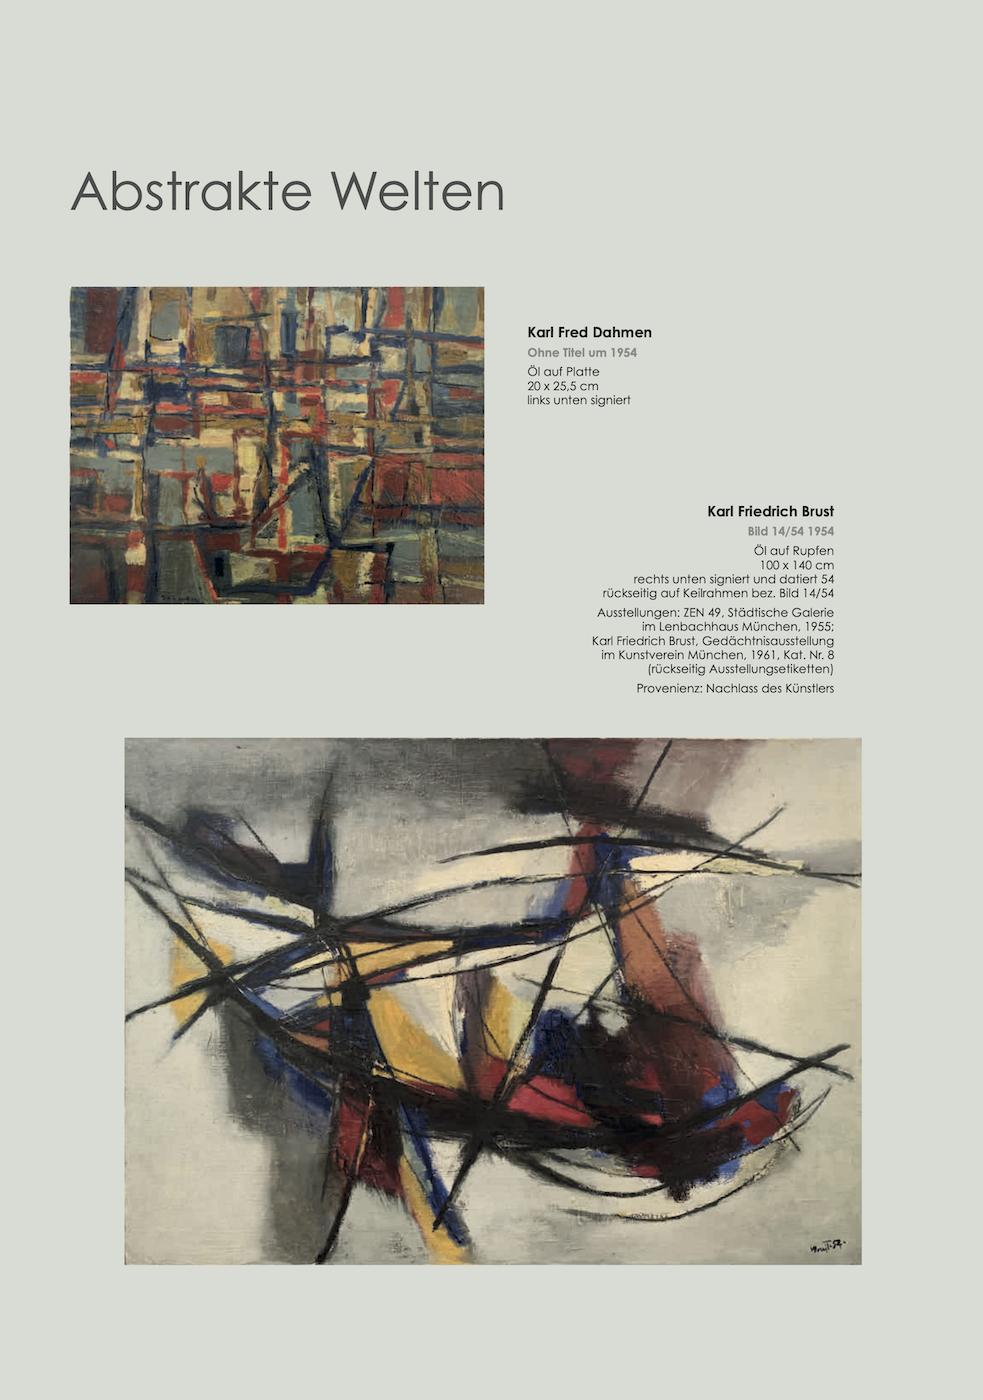 Einladungskarte Ausstellung Abstrakte Welten II 2020/2021 Galerie Maulberger 02